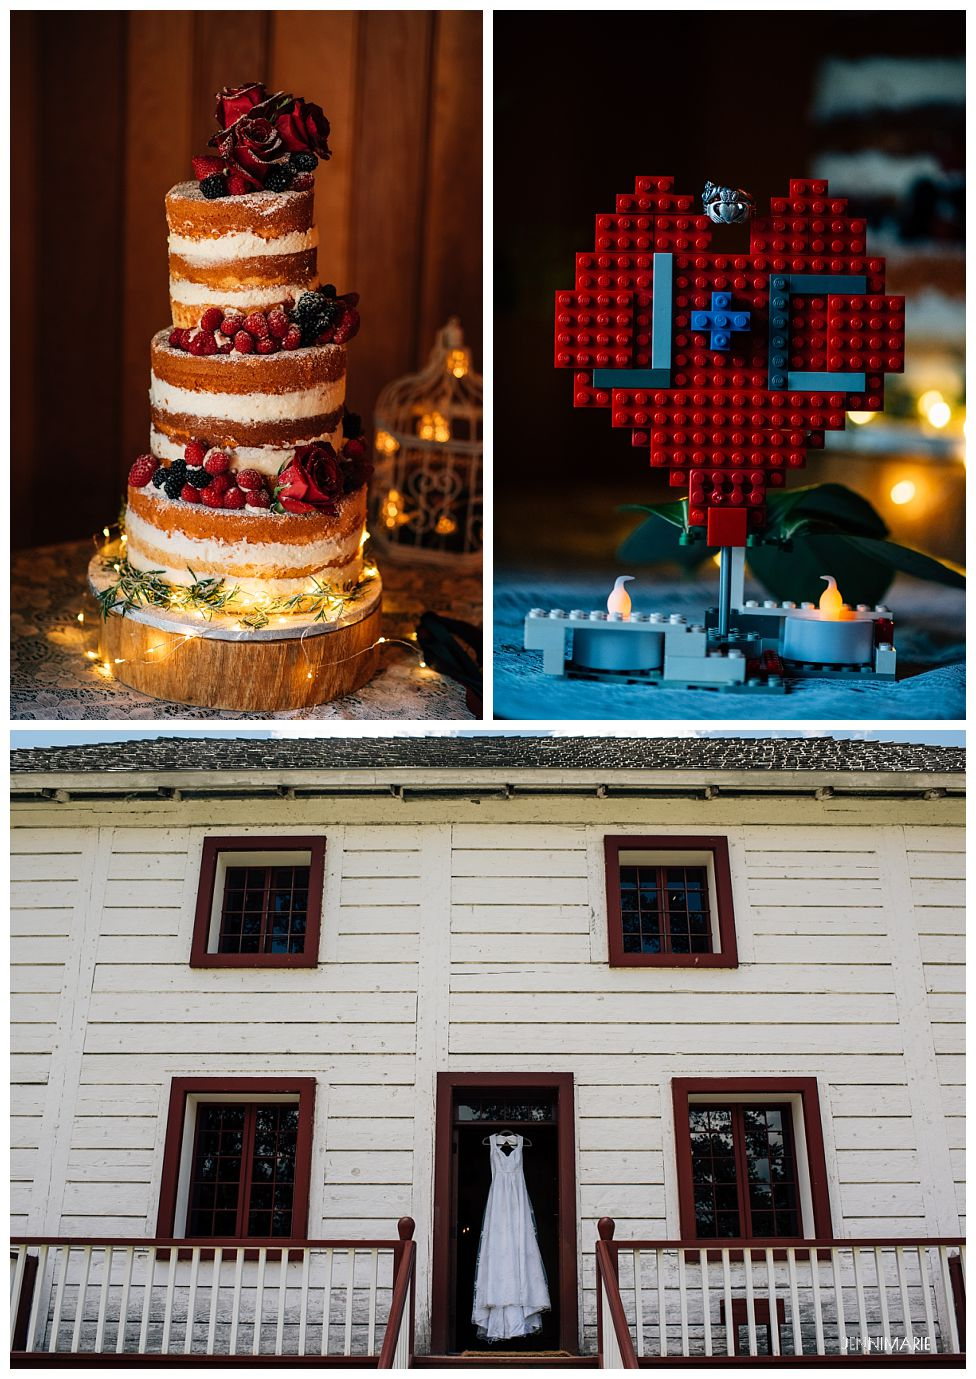 Lego wedding details